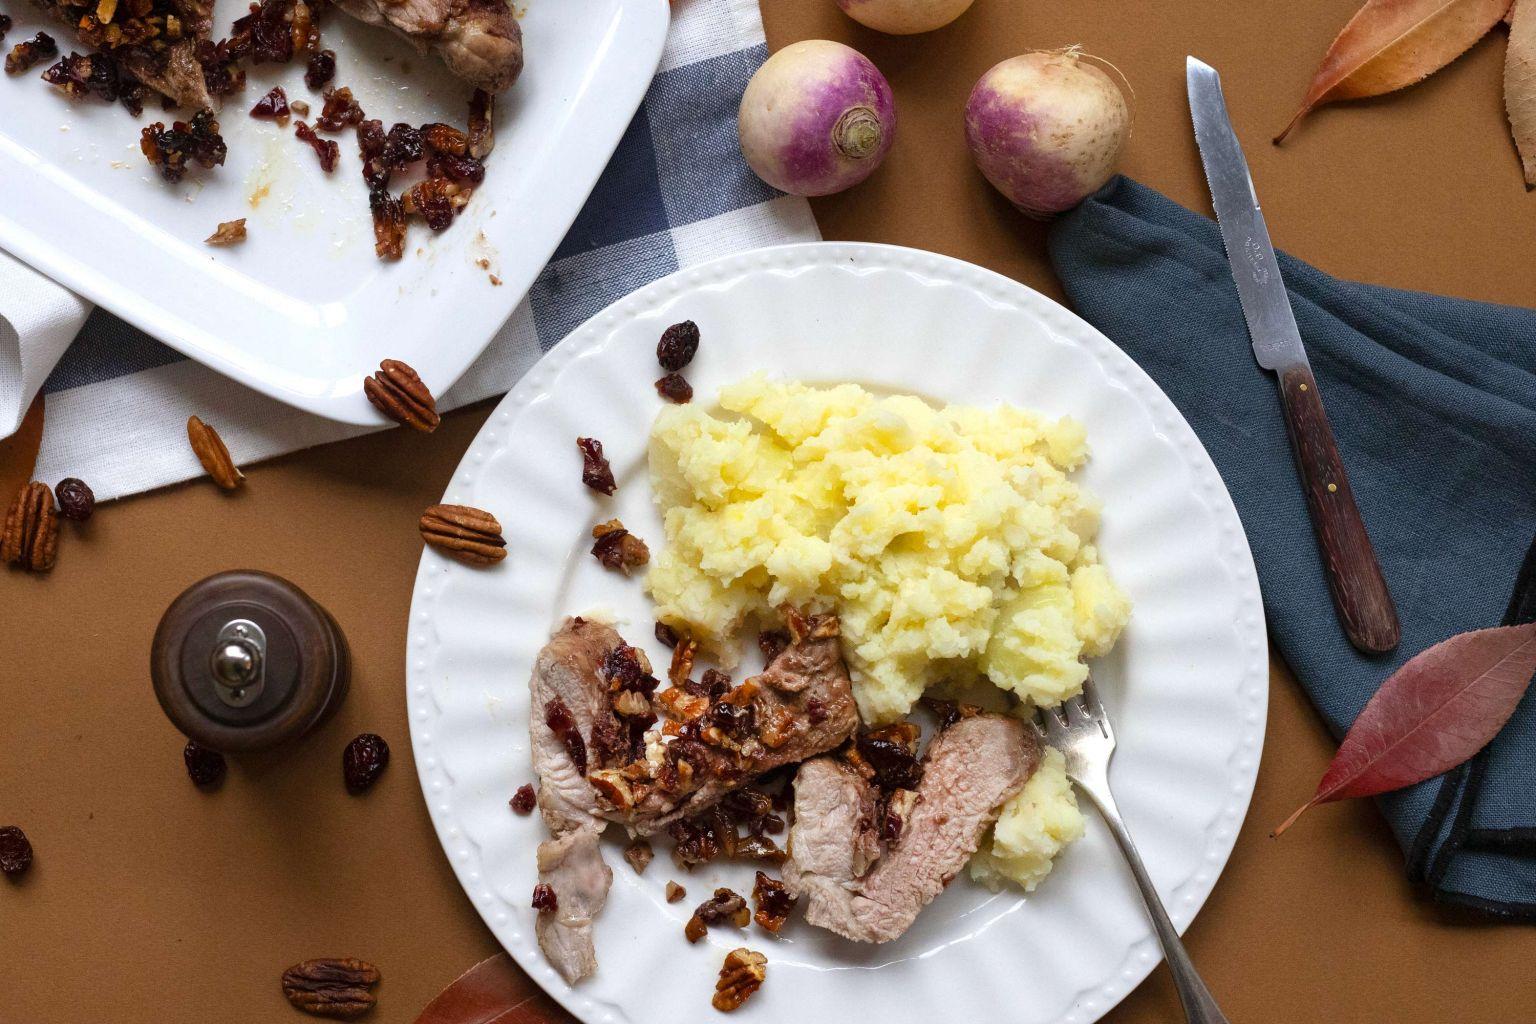 Filet mignon de porc farci aux noix de pécan, cranberries et sirop d'érable